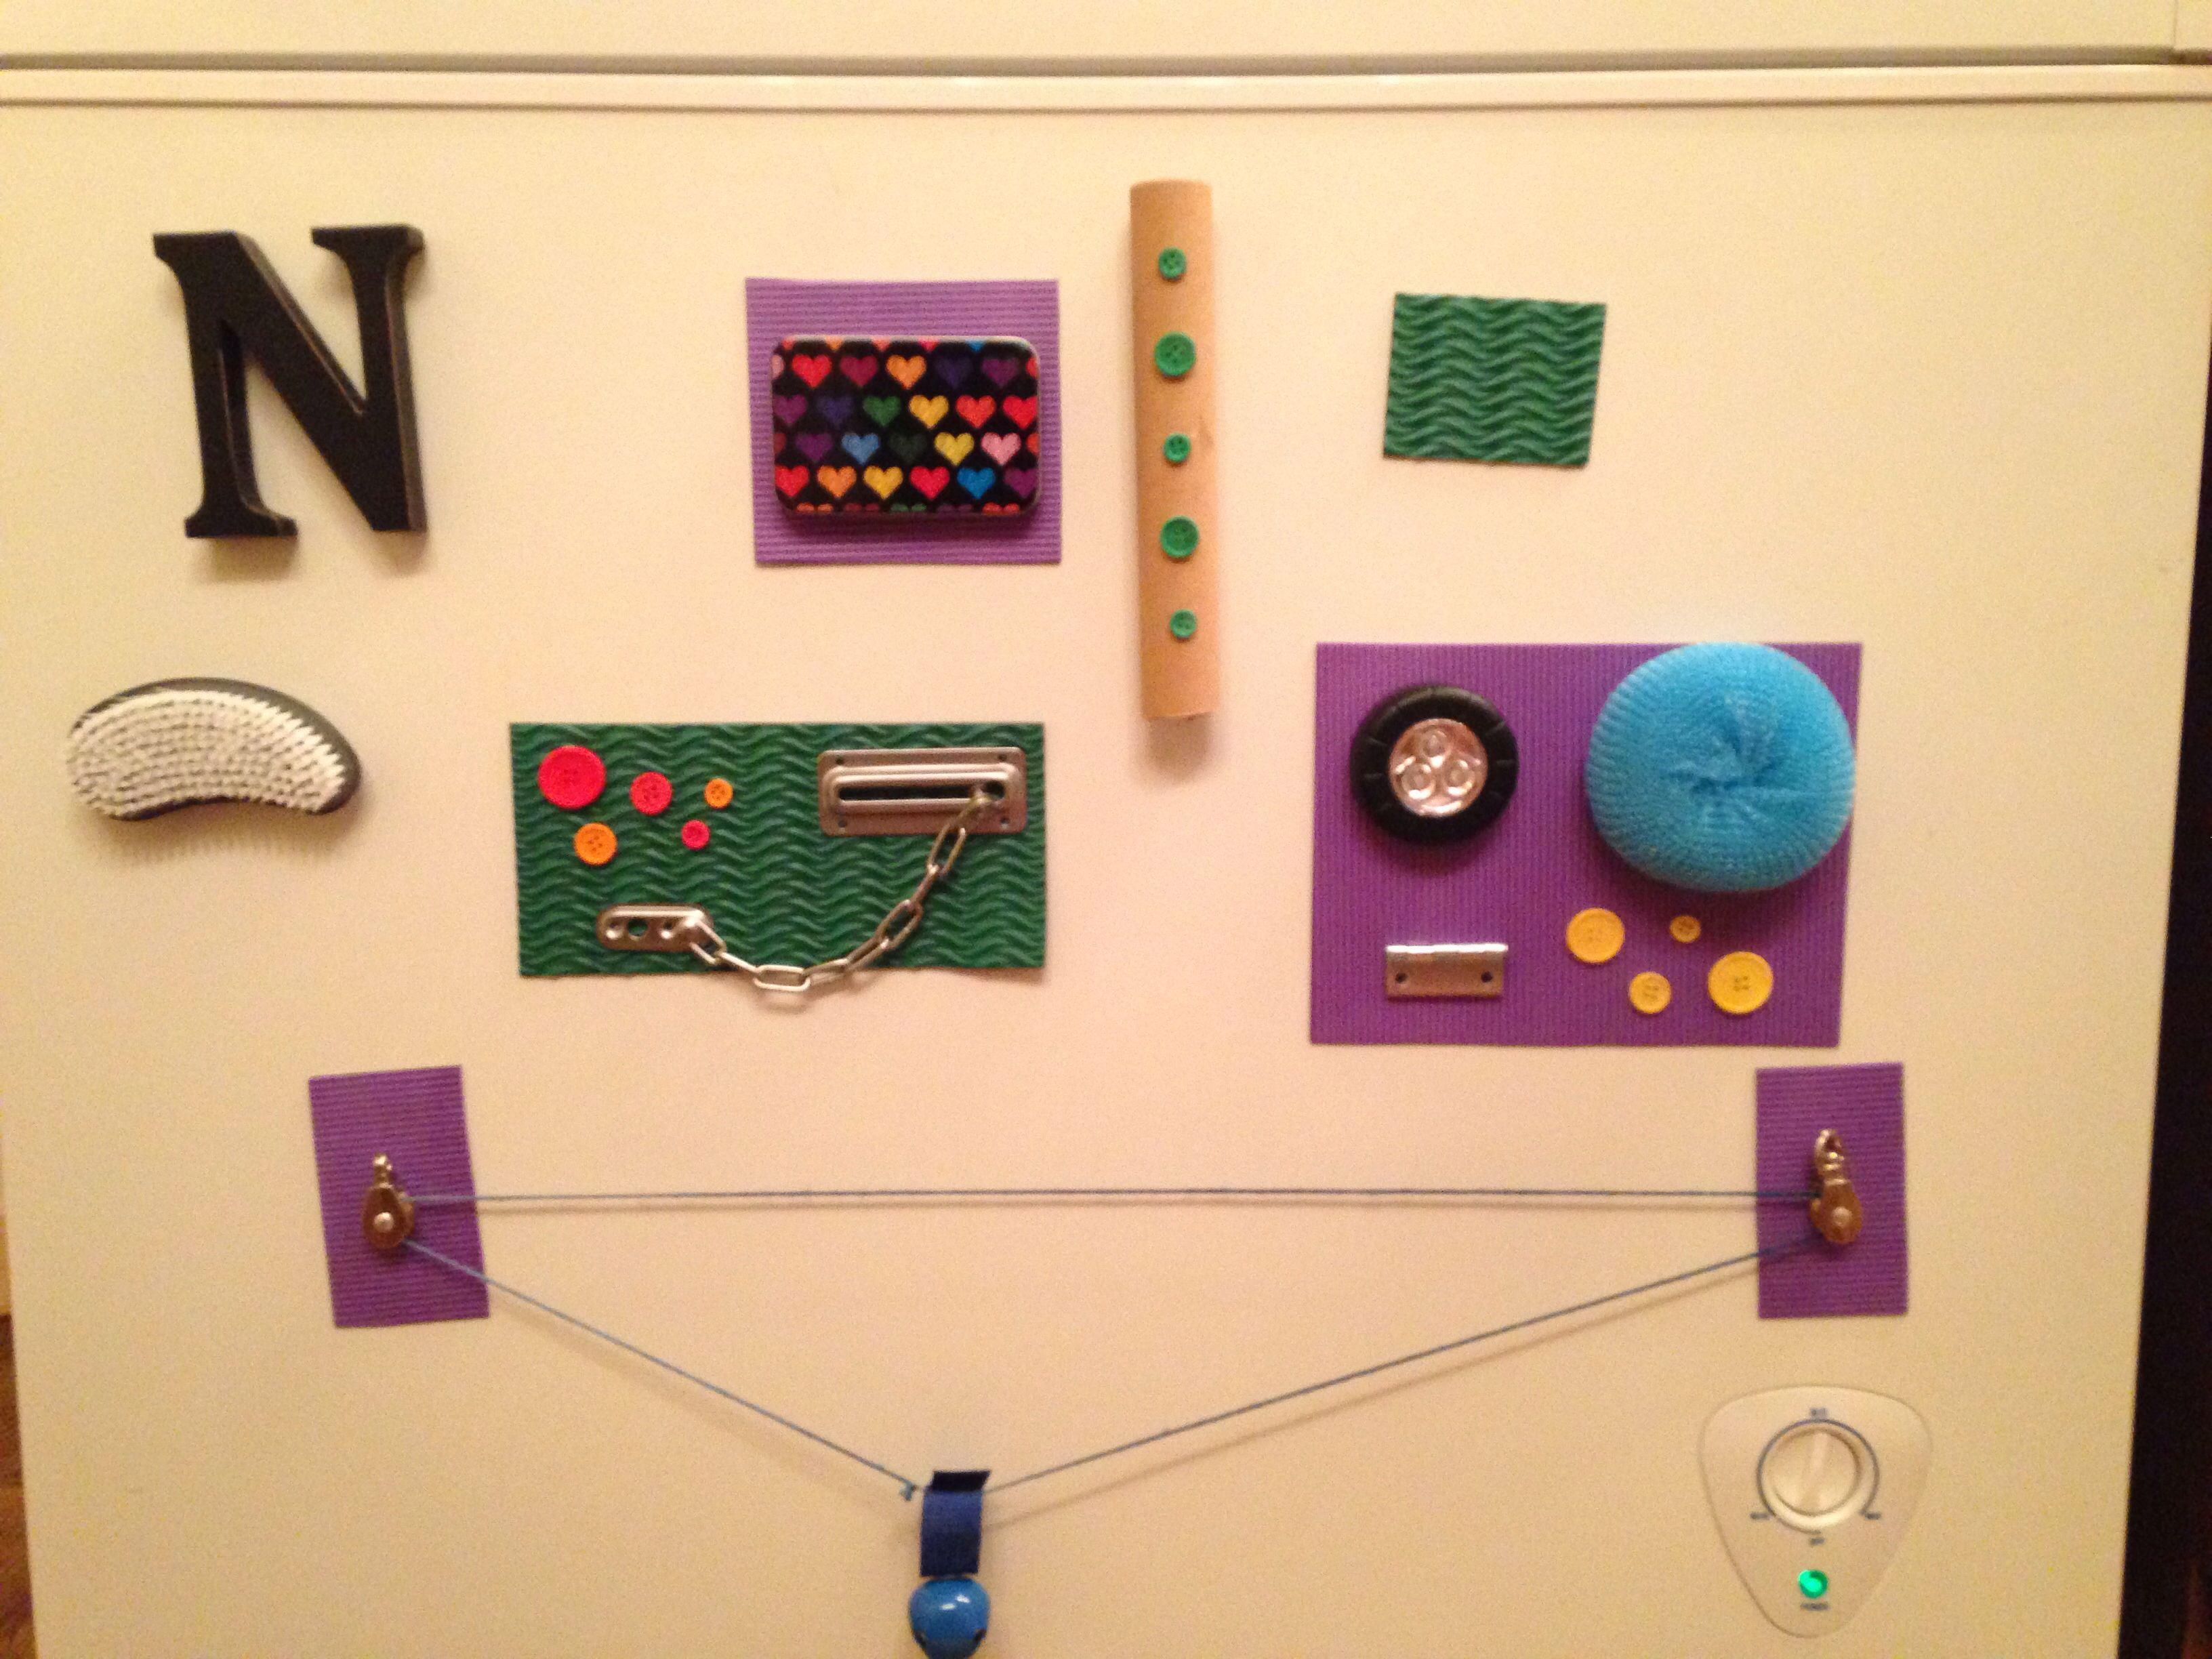 Diy Magnetic Sensory Board For Toddler